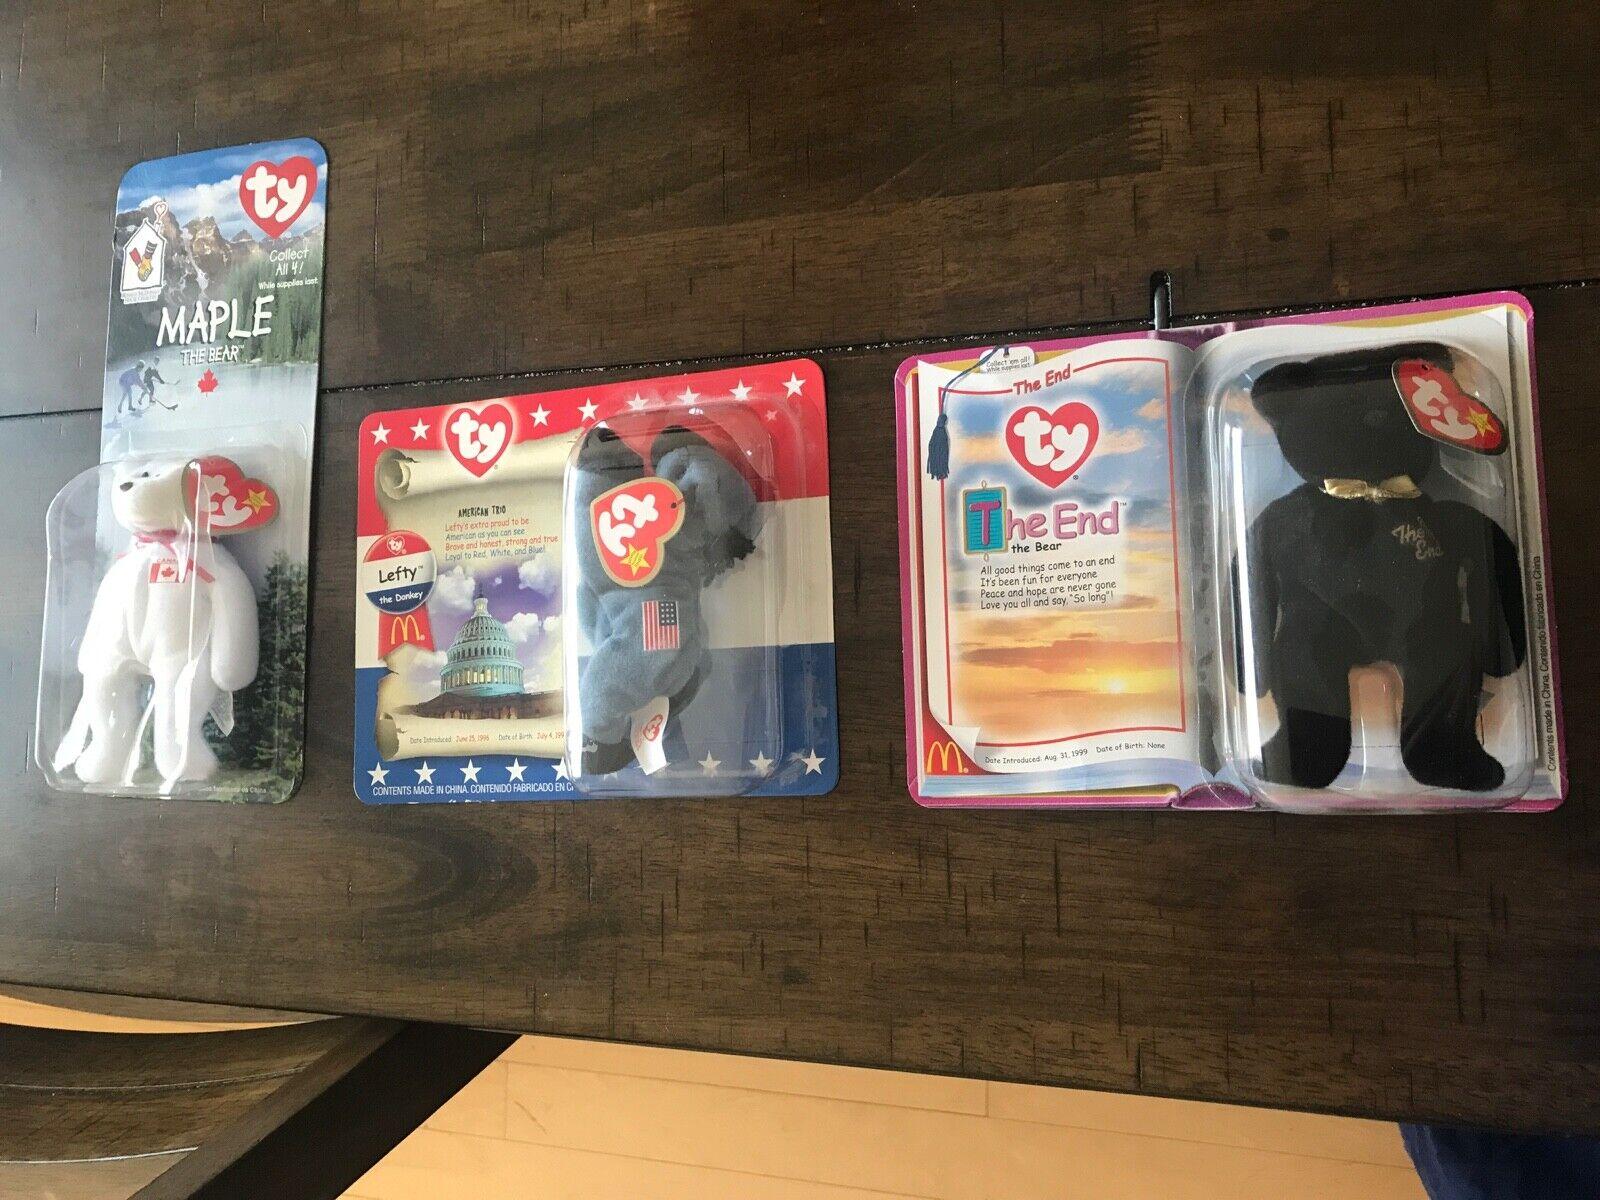 Ty Beanie Babies 3 rare error Maple the bear, Lefty, The End.  NWT